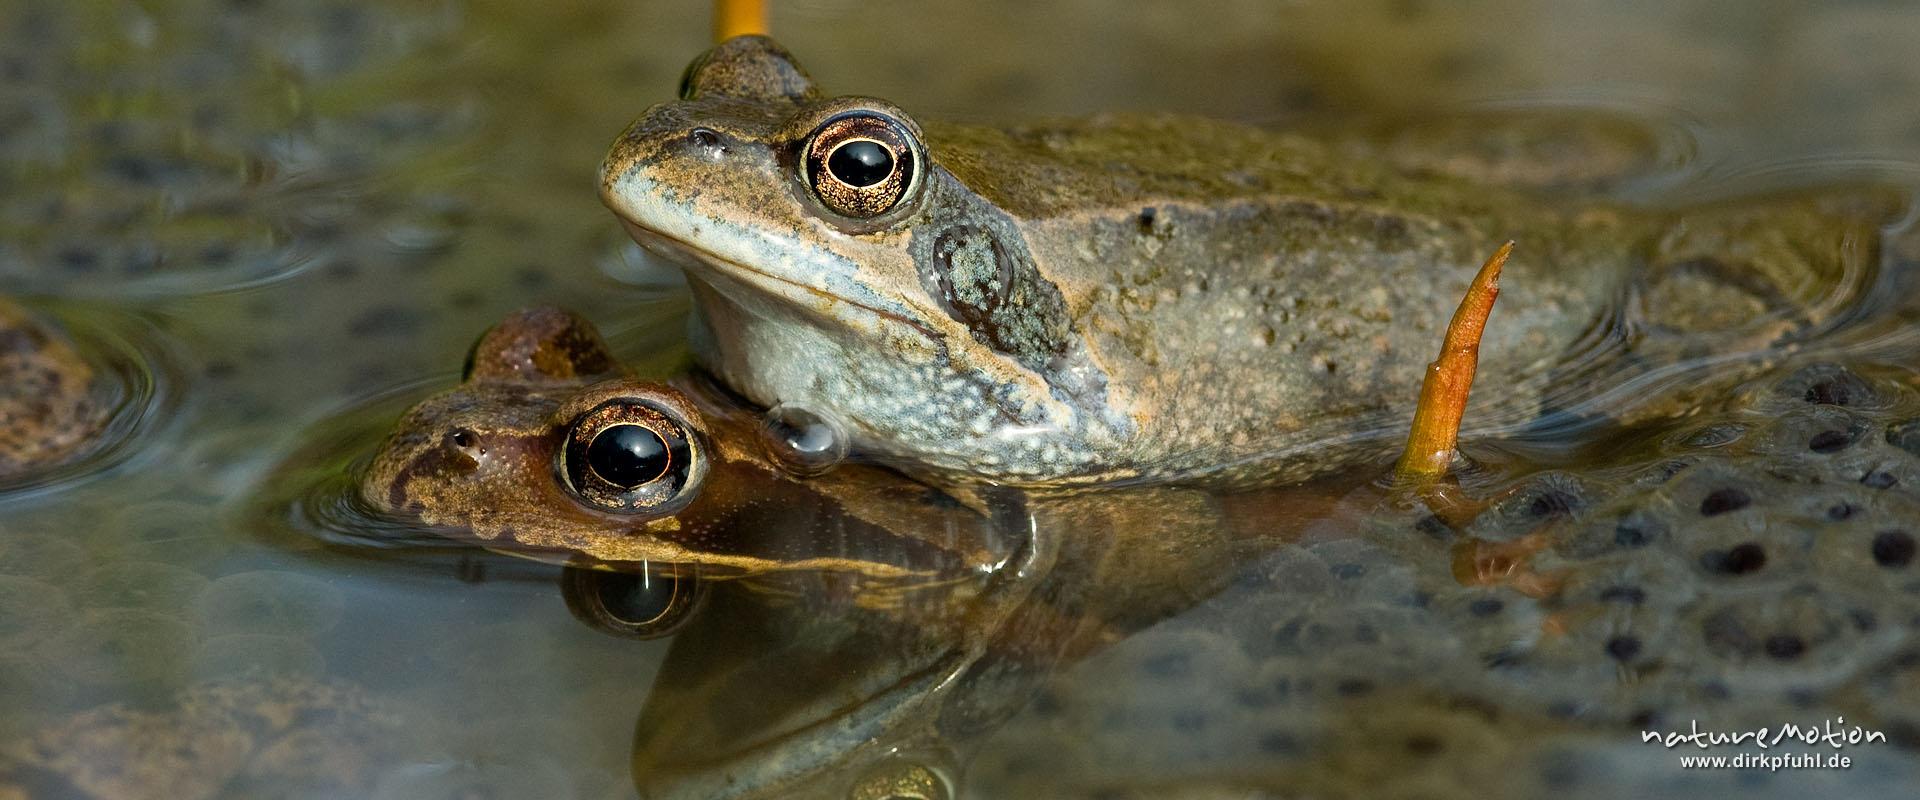 Grasfrosch - Paar zwischen Laich - Erlenbruch